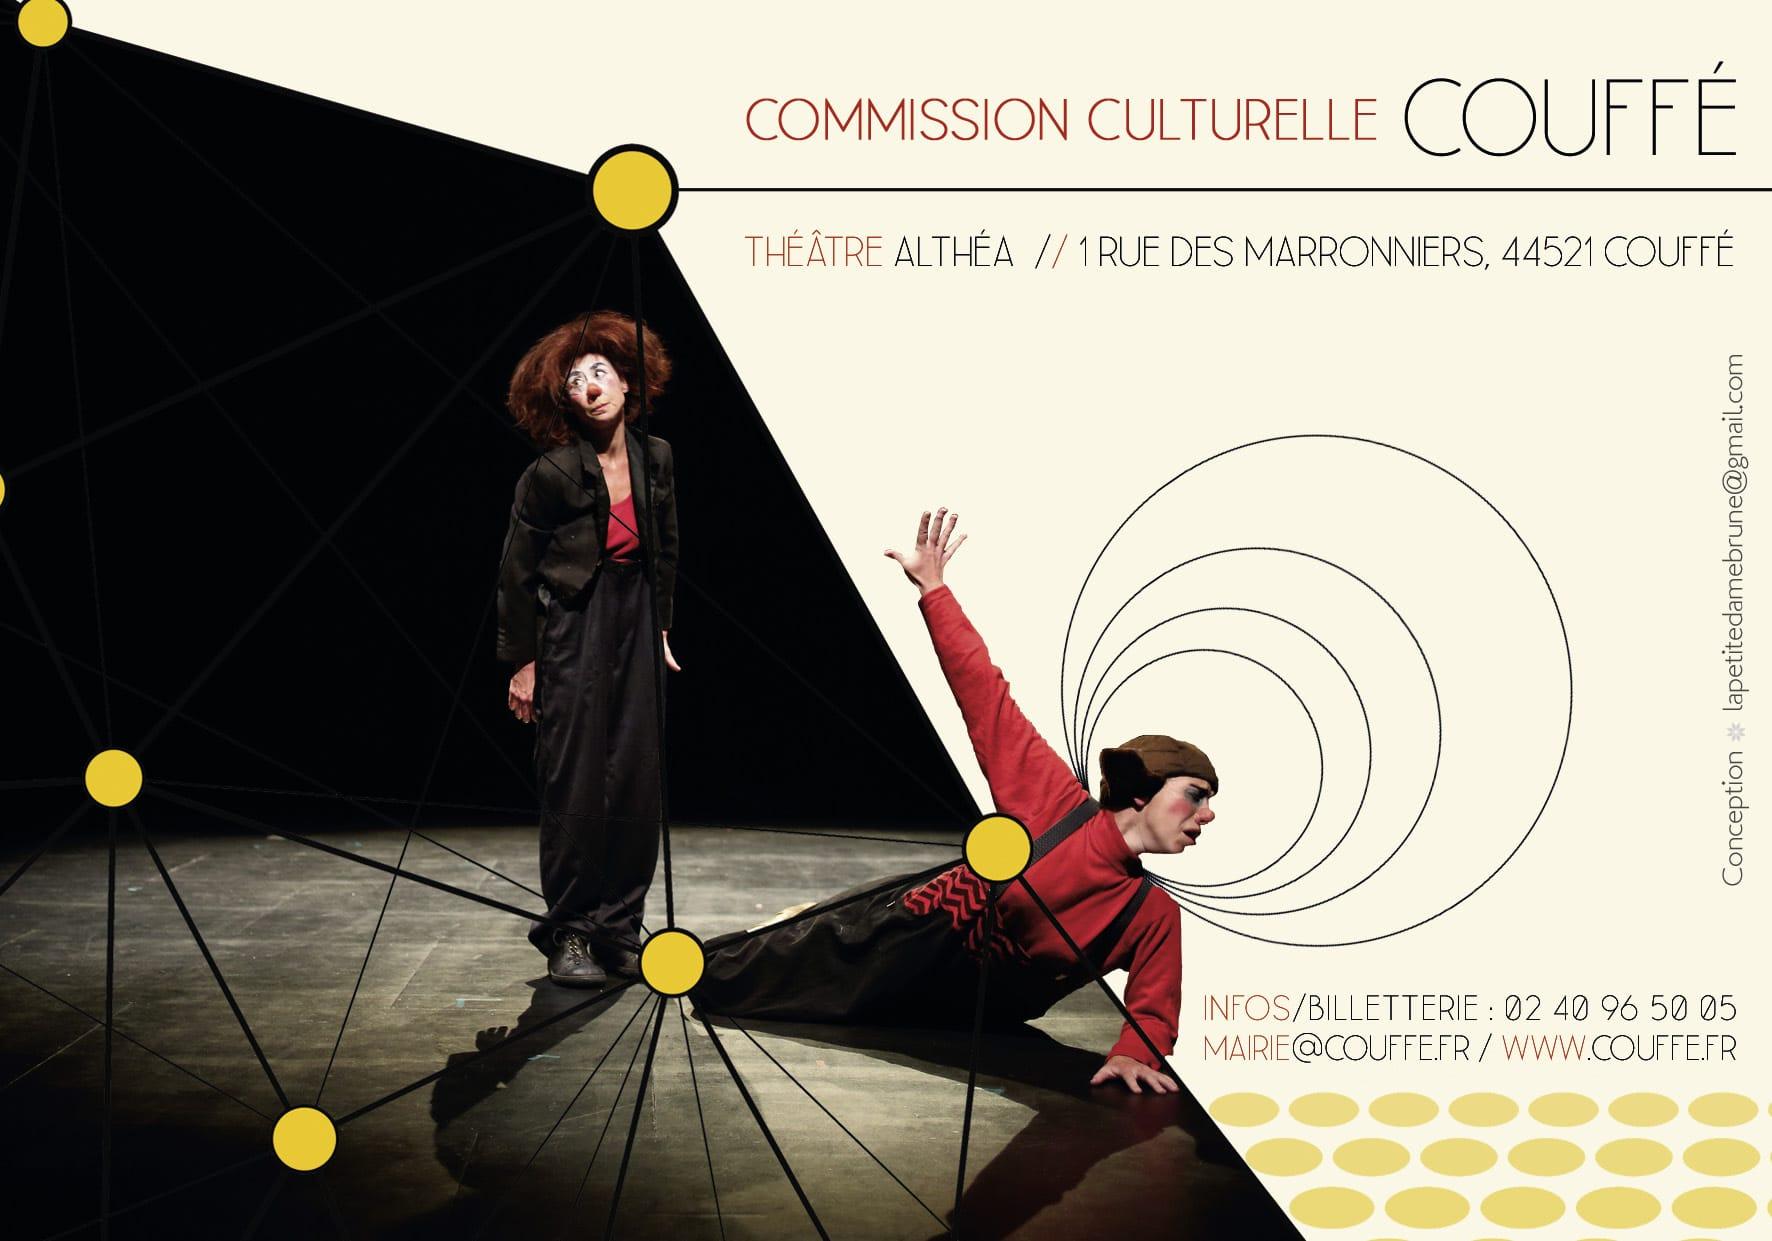 COUFFE-Saison-culturelle-brochure-A6-2020001788-AC_Page_12